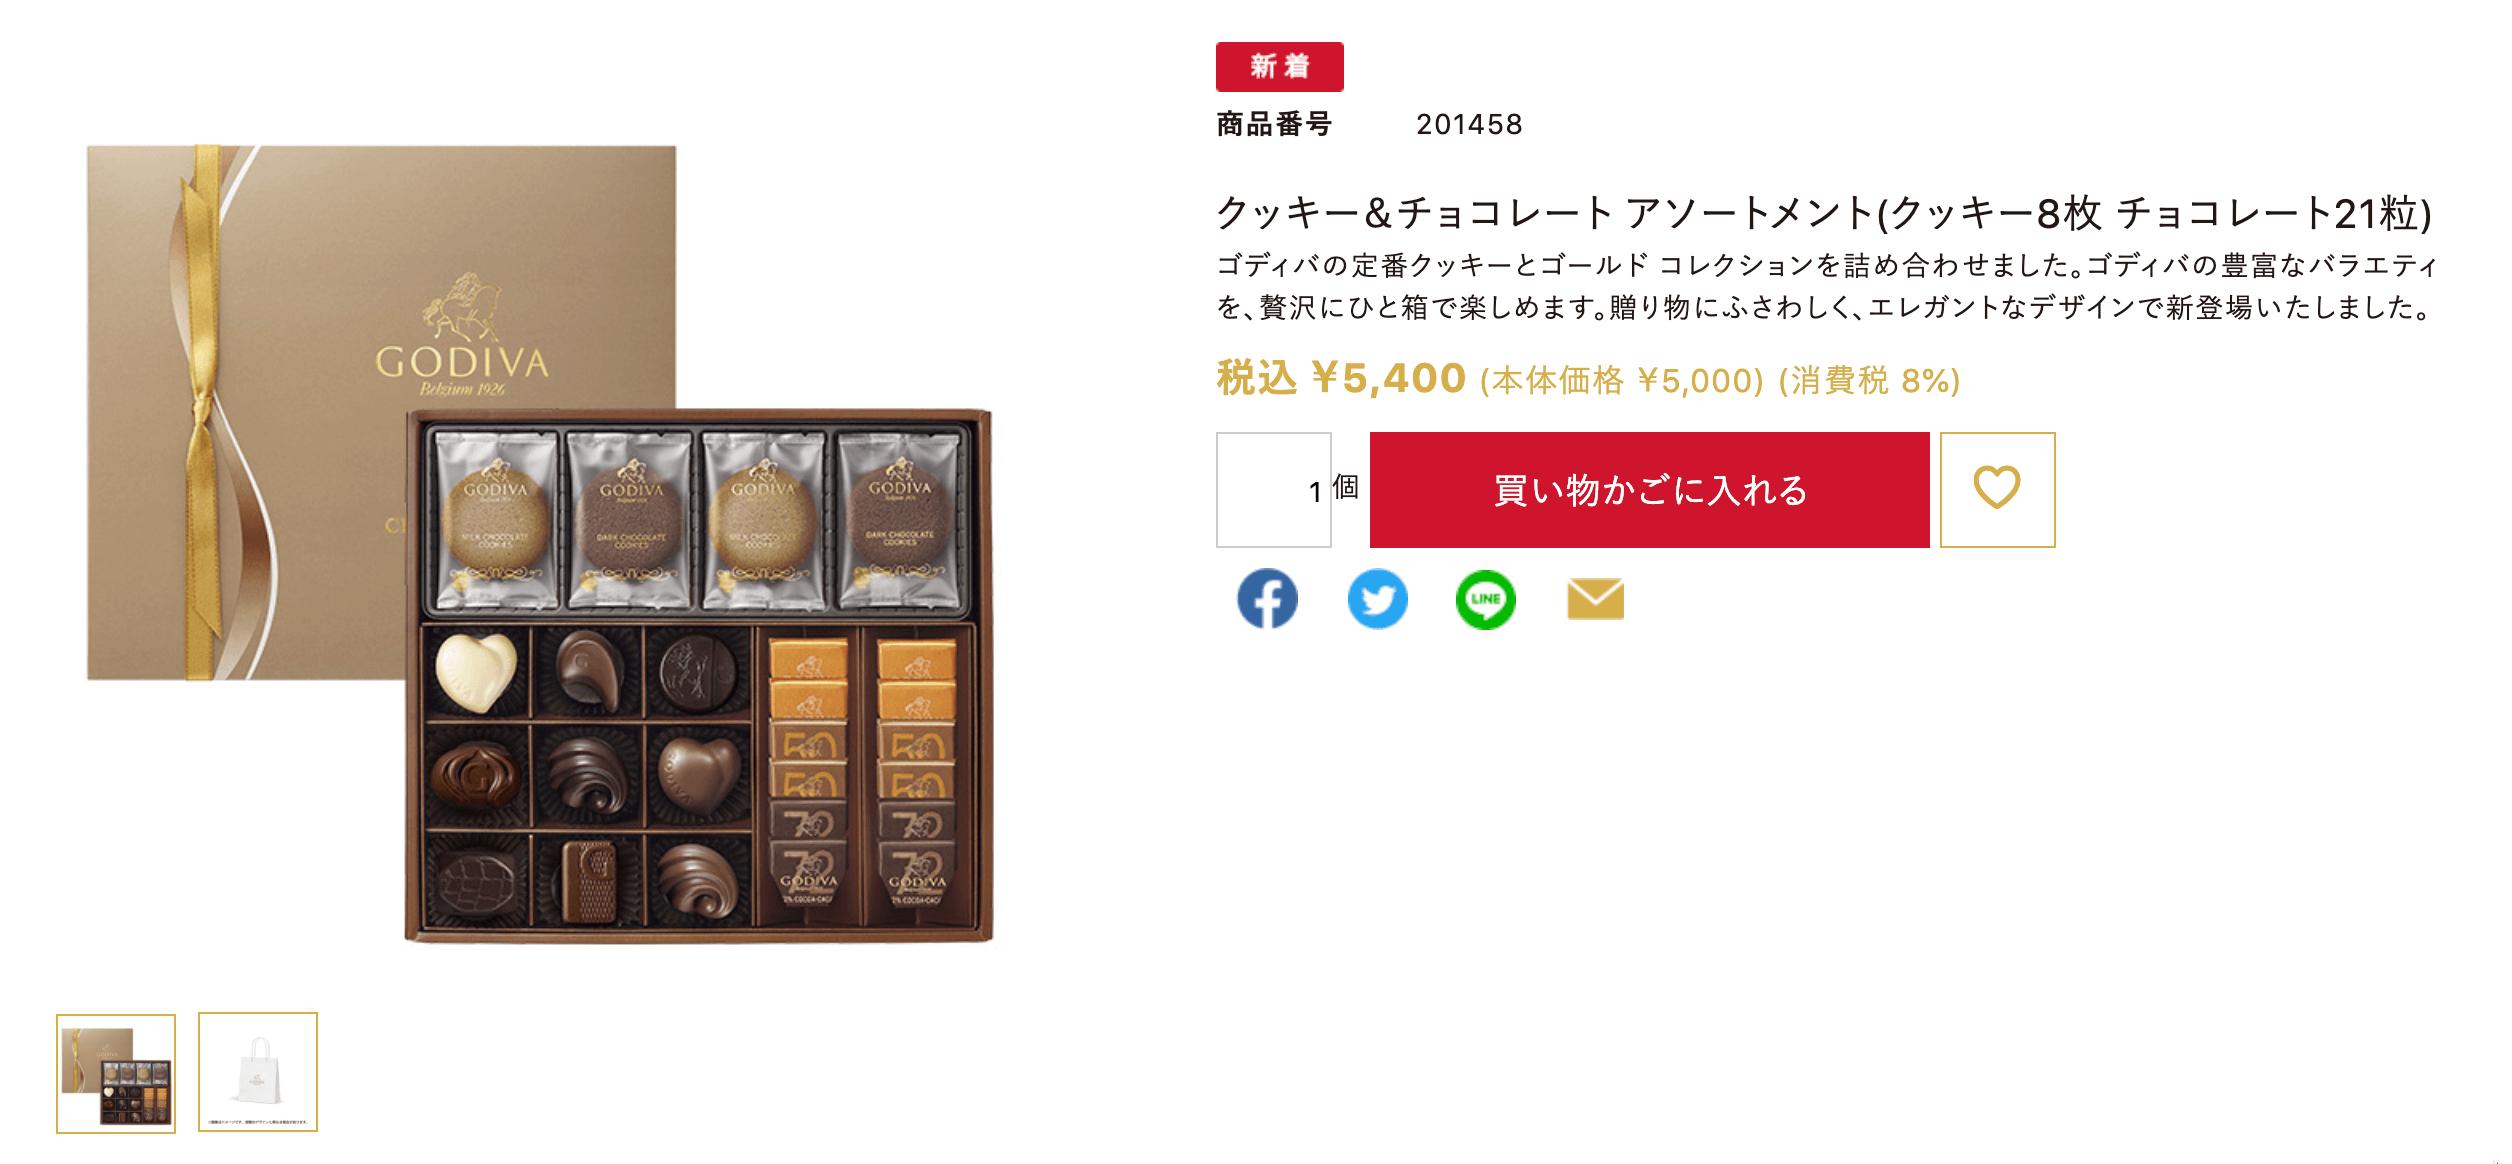 godivaクッキー&チョコレートアソートメント